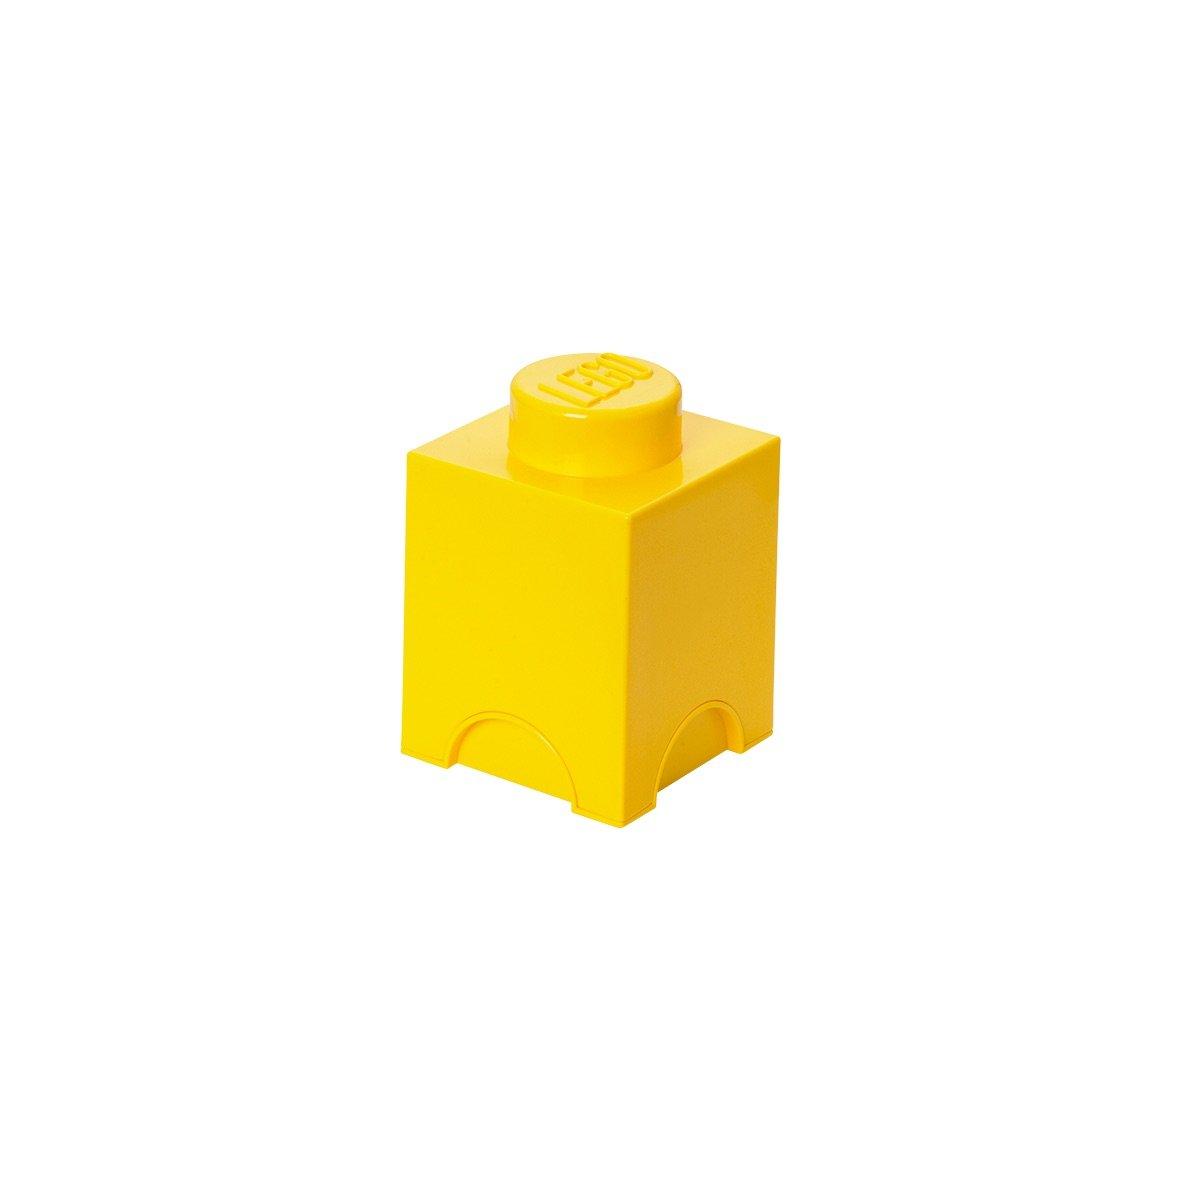 Lego stockage brique 1 Petit Jaune Room Copenhagen 40010632